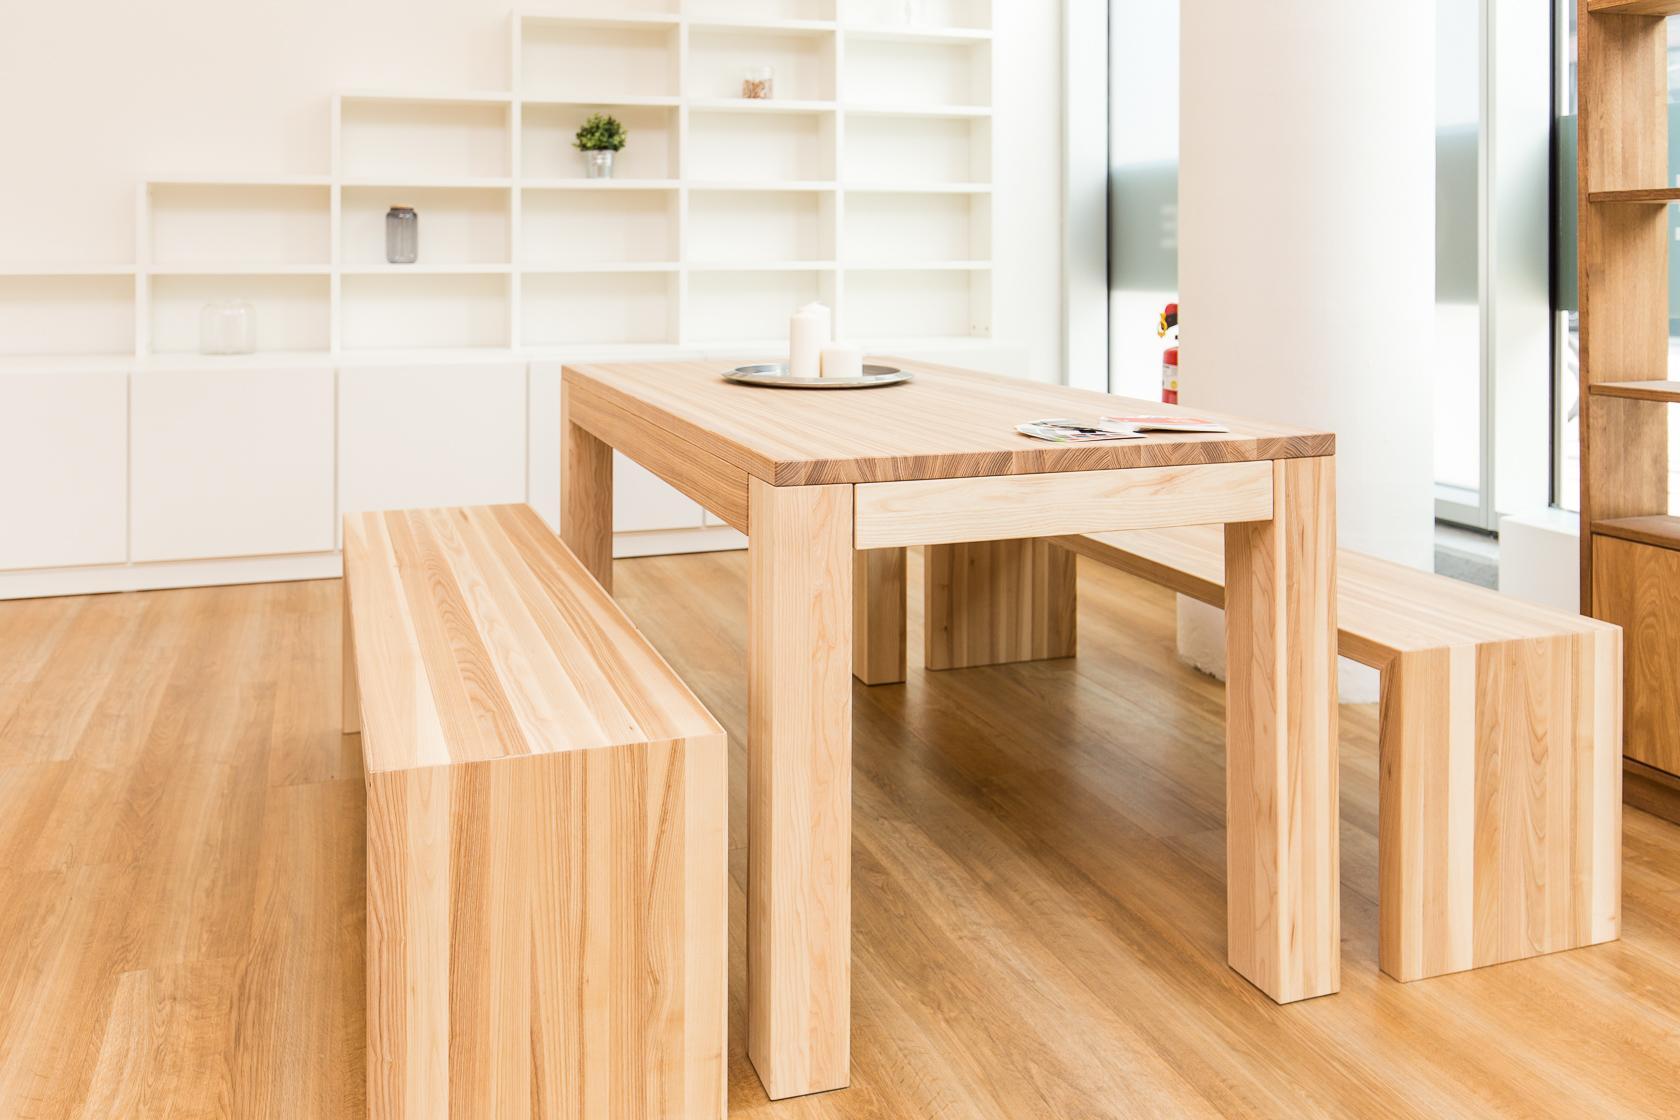 esstisch mit b nken aus eschenholz holztisch essti. Black Bedroom Furniture Sets. Home Design Ideas